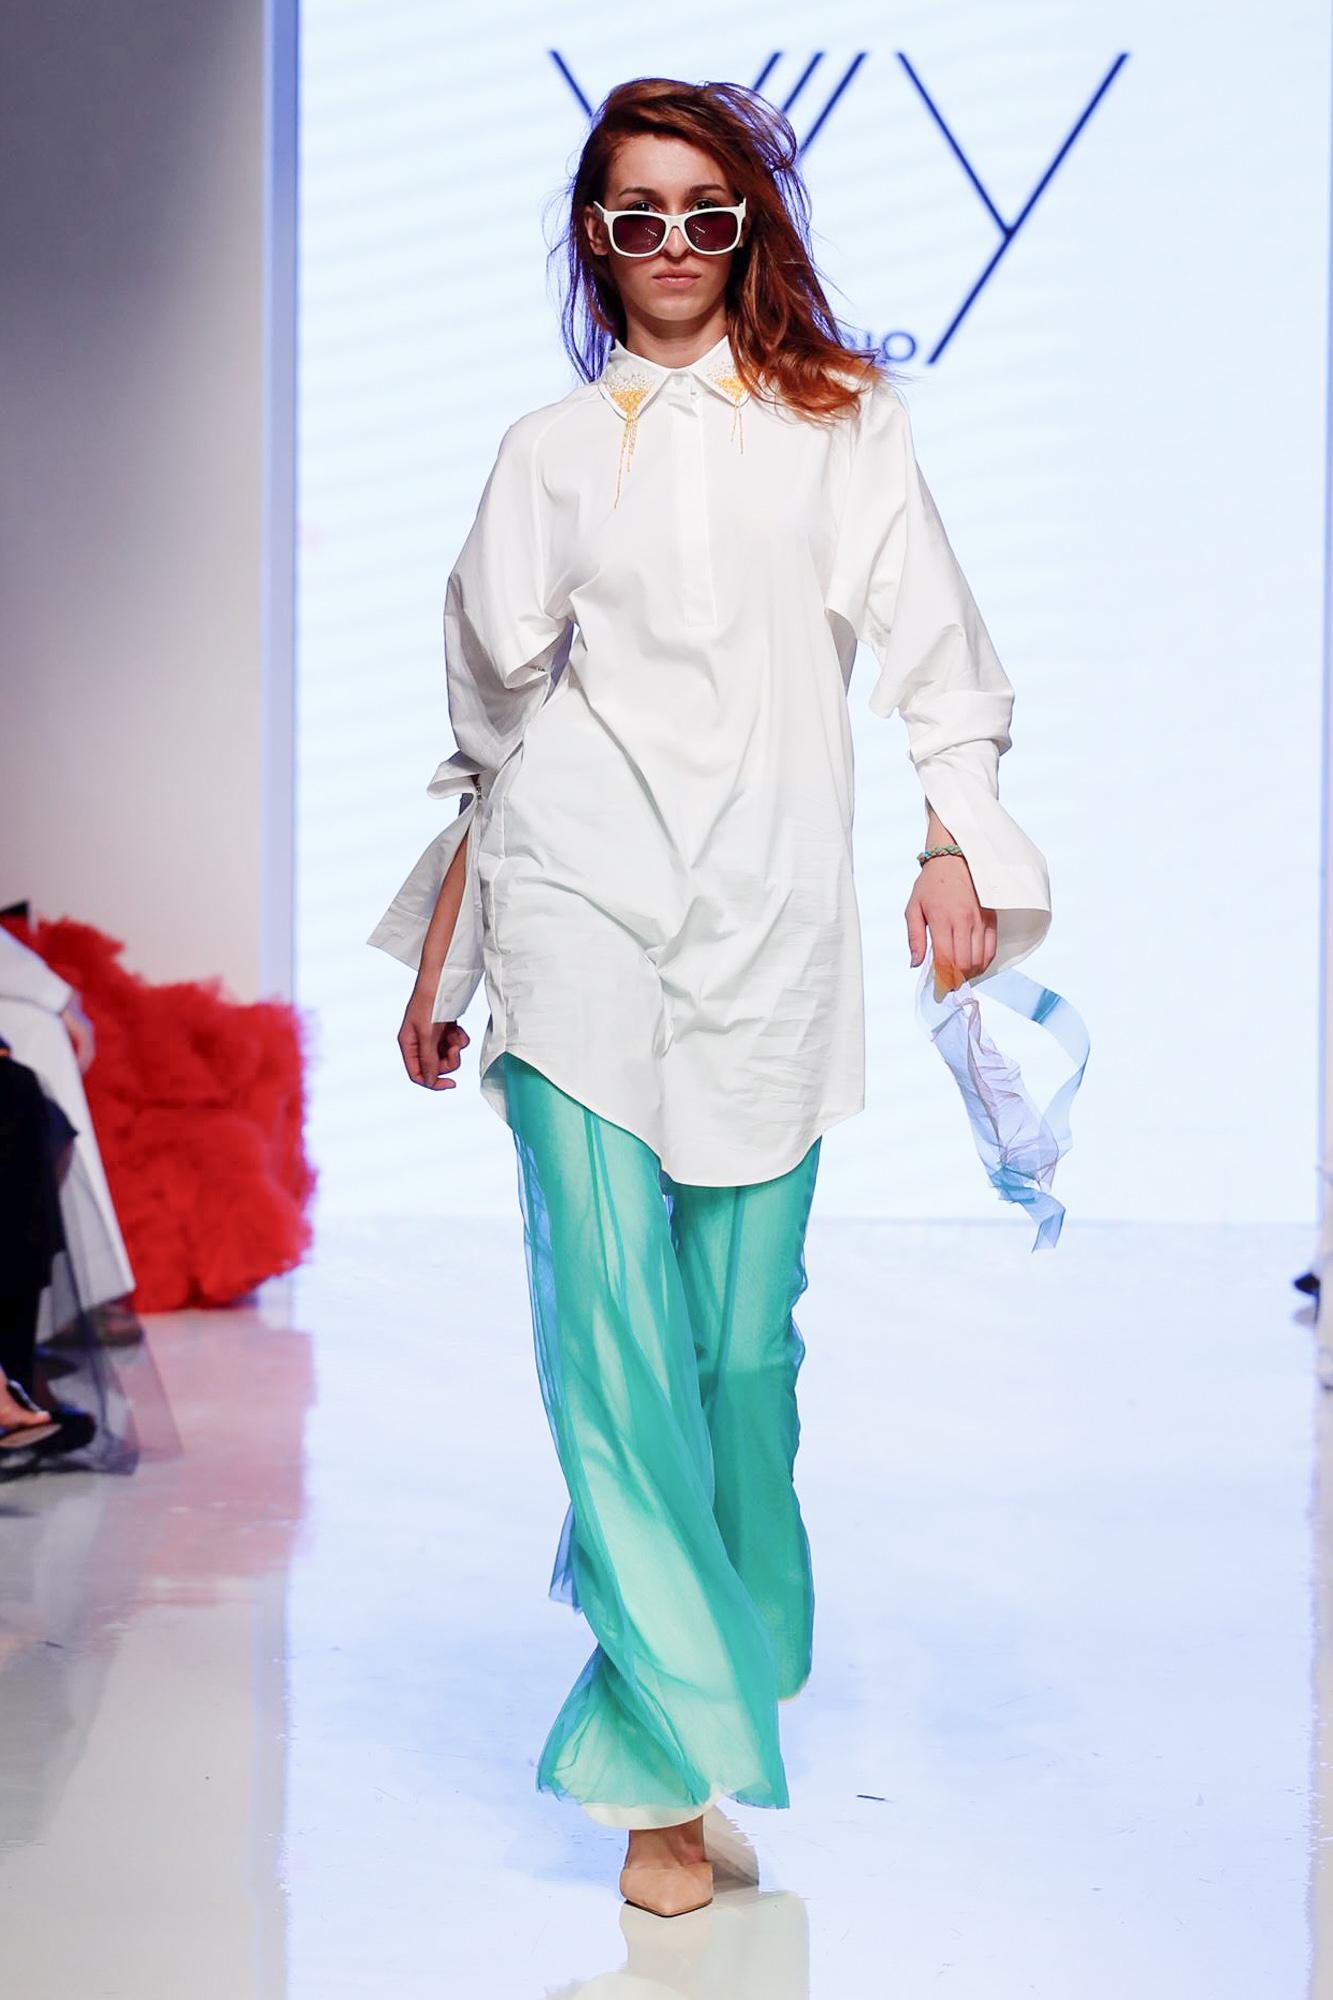 YLY-Studio-Arab-Fashion-Week-SS20-Dubai-5791